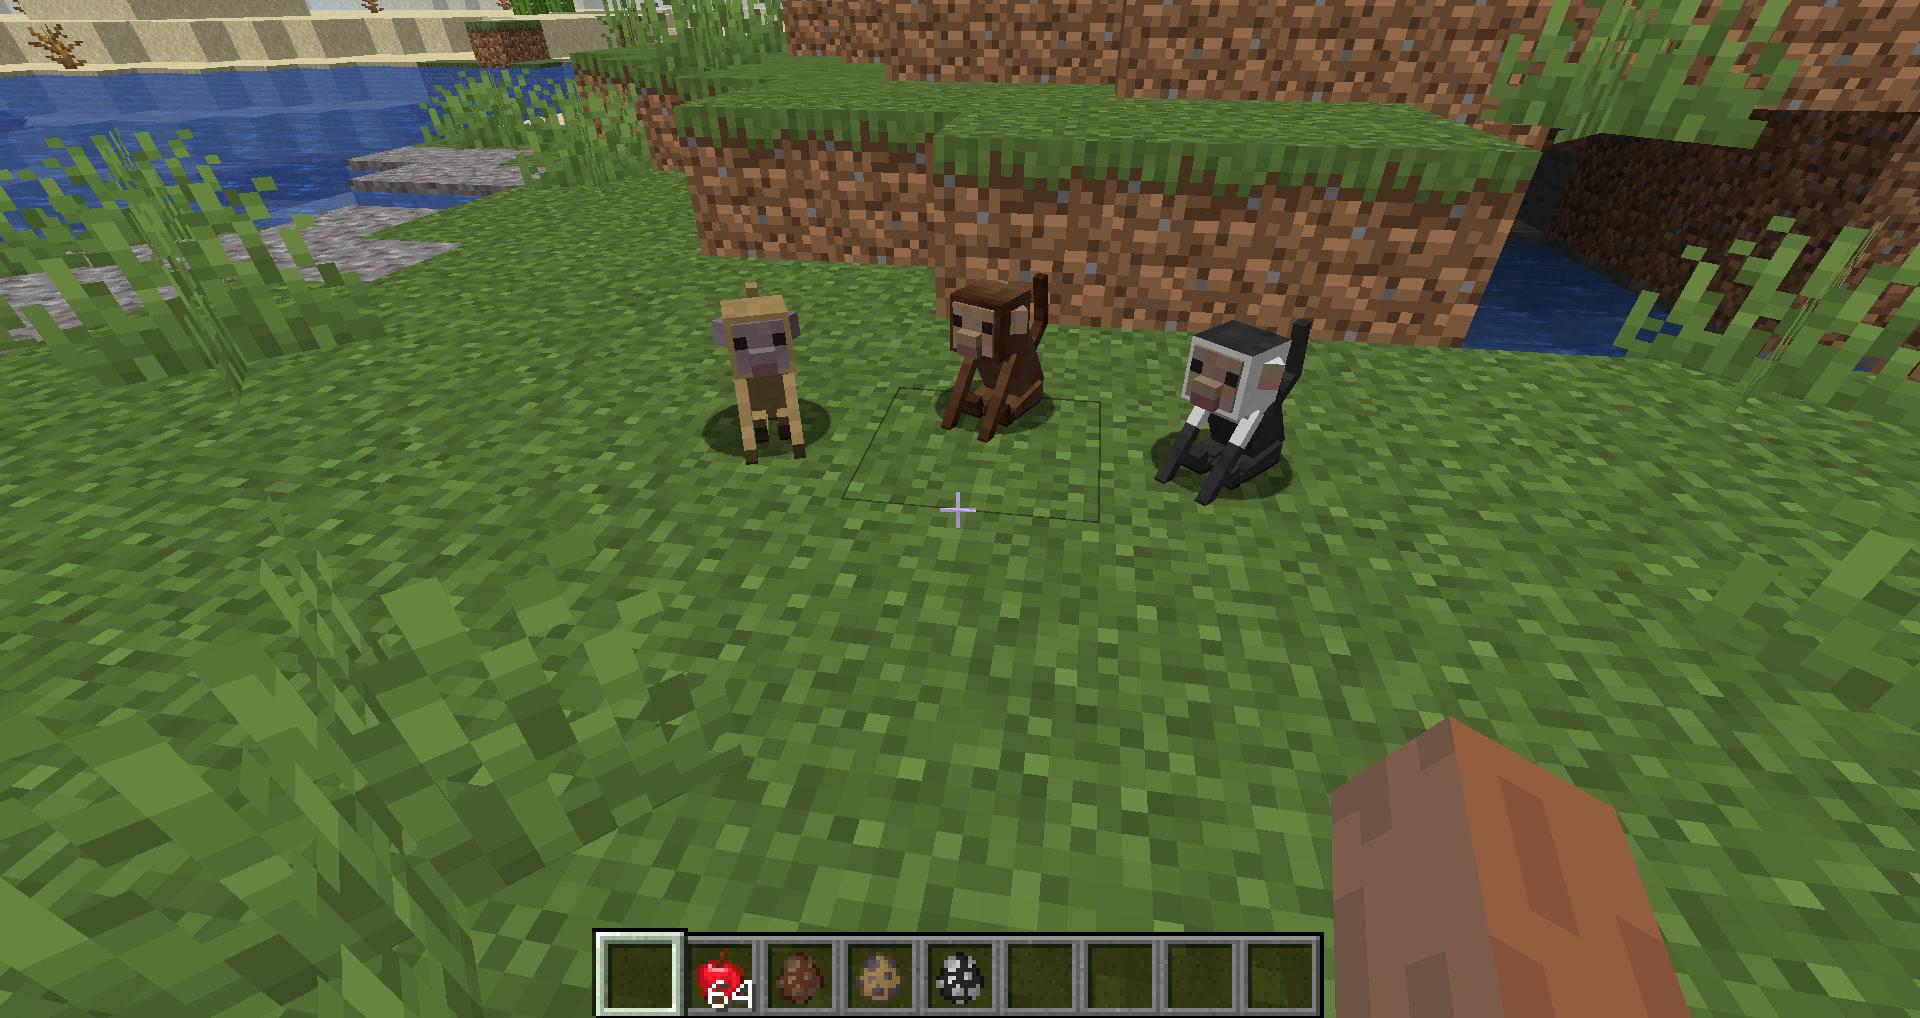 Wizard s Animals Mods Minecraft CurseForge